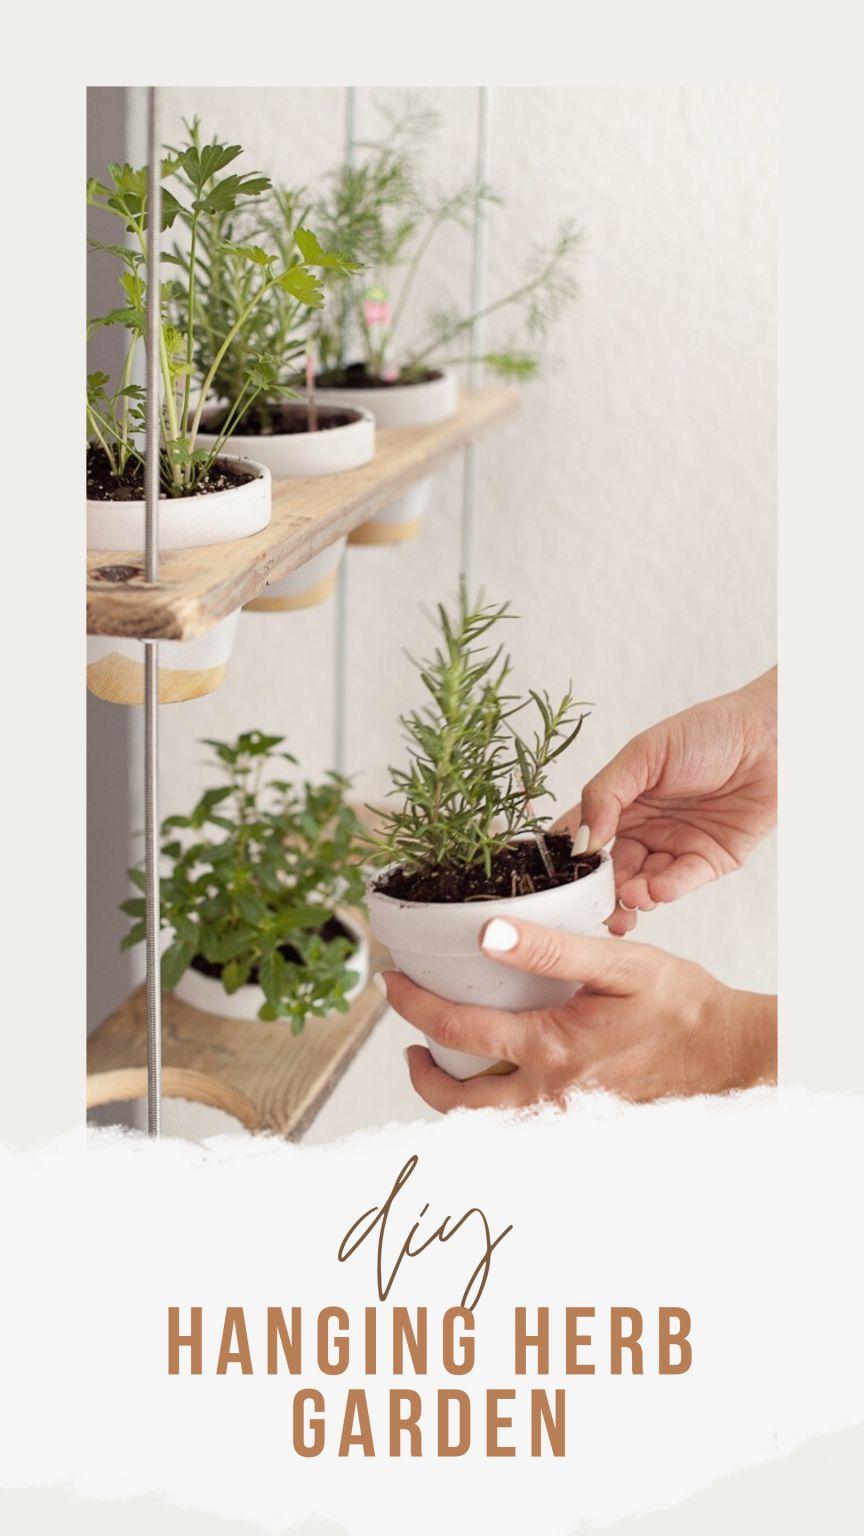 13. DIY Hanging Herb Garden Tutorial